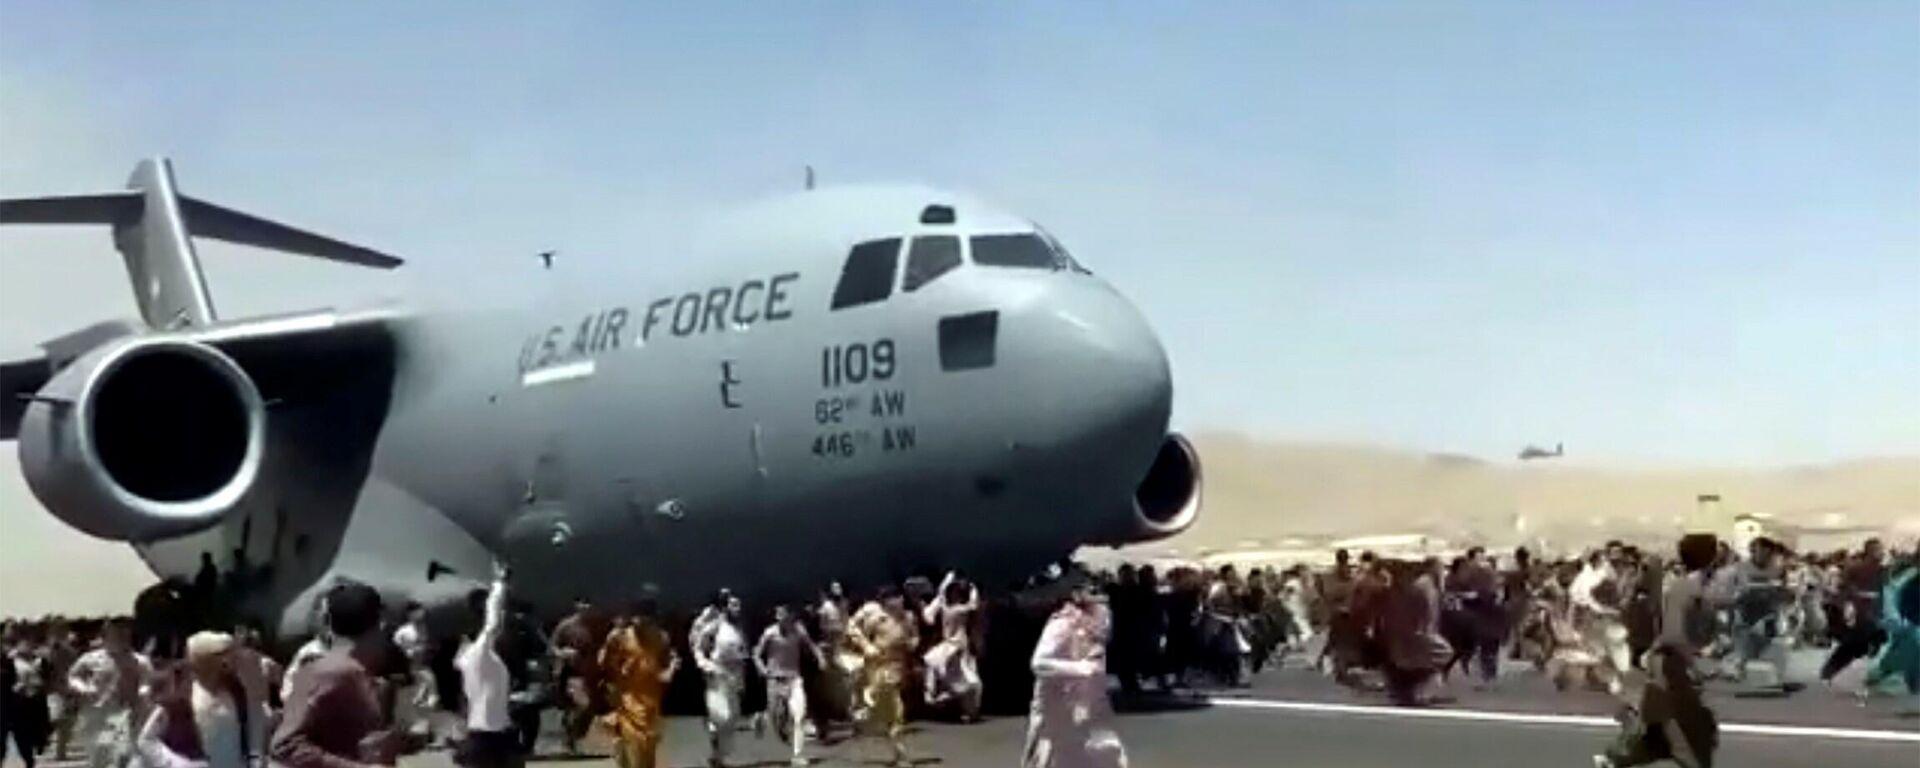 Američki transportni avion koji je evakuisao Avganistance iz Kabula - Sputnik Srbija, 1920, 01.10.2021